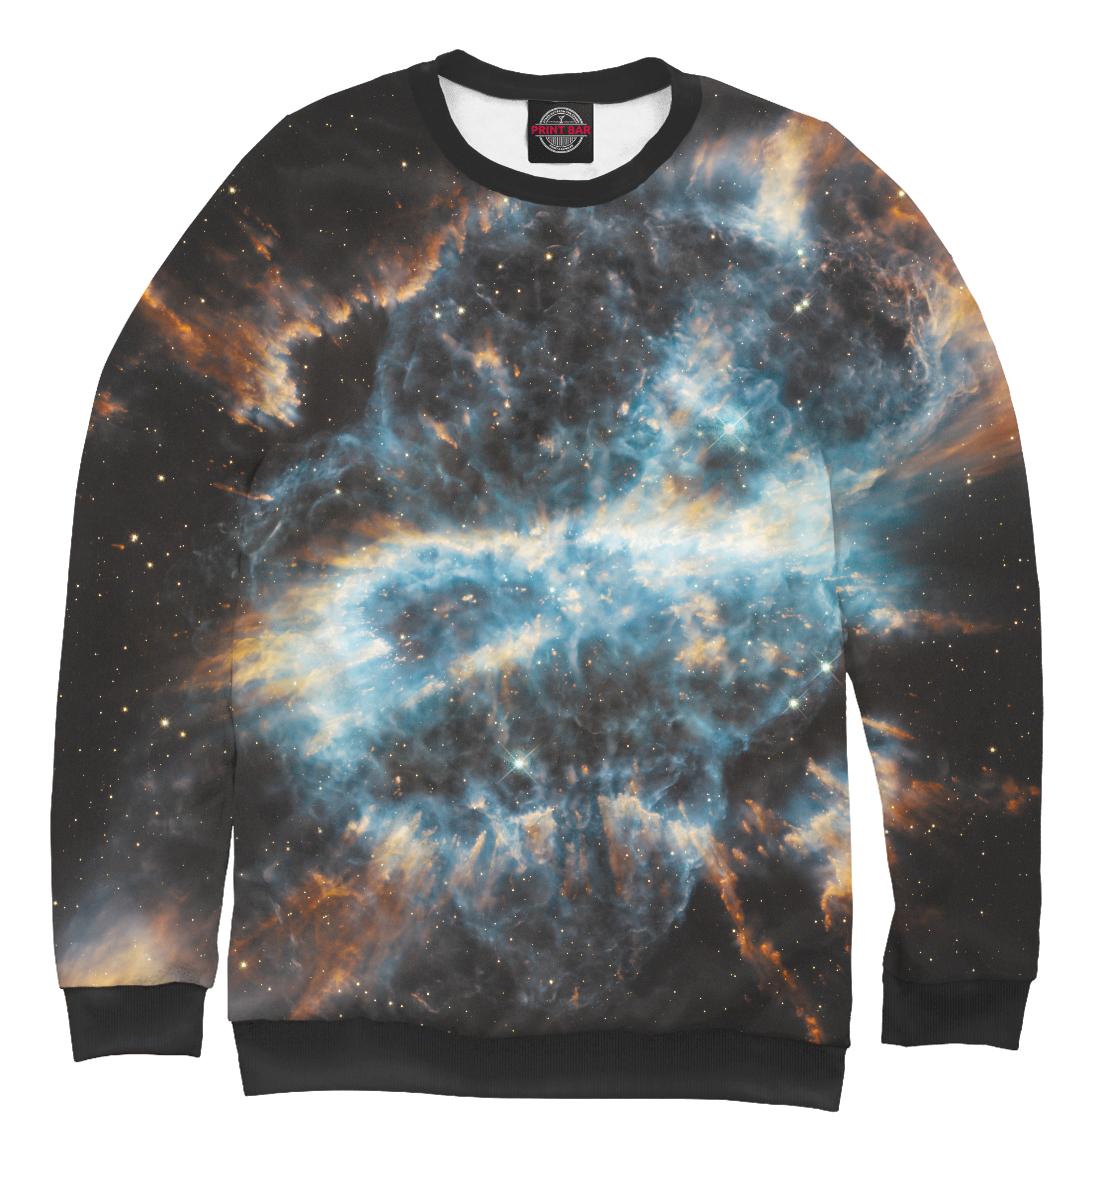 Купить Вселенная, Printbar, Свитшоты, SPA-267018-swi-1